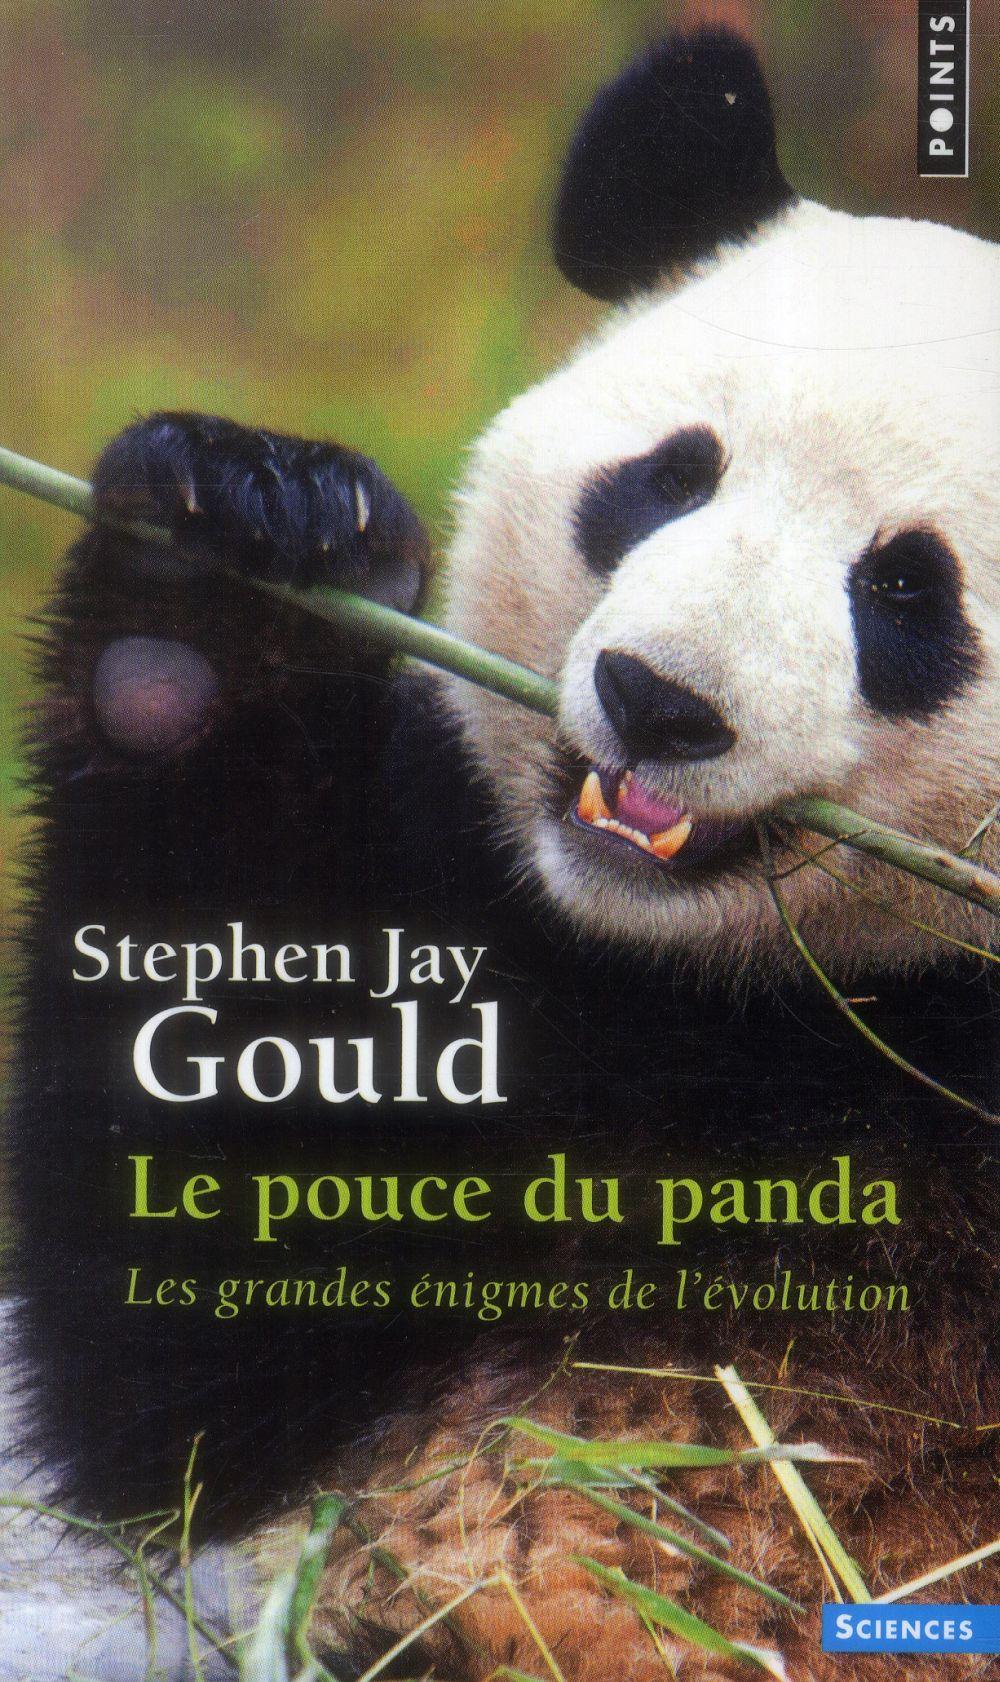 Gould Stephen Jay - LE POUCE DU PANDA. LES GRANDES ENIGMES DE L'EVOLUTION